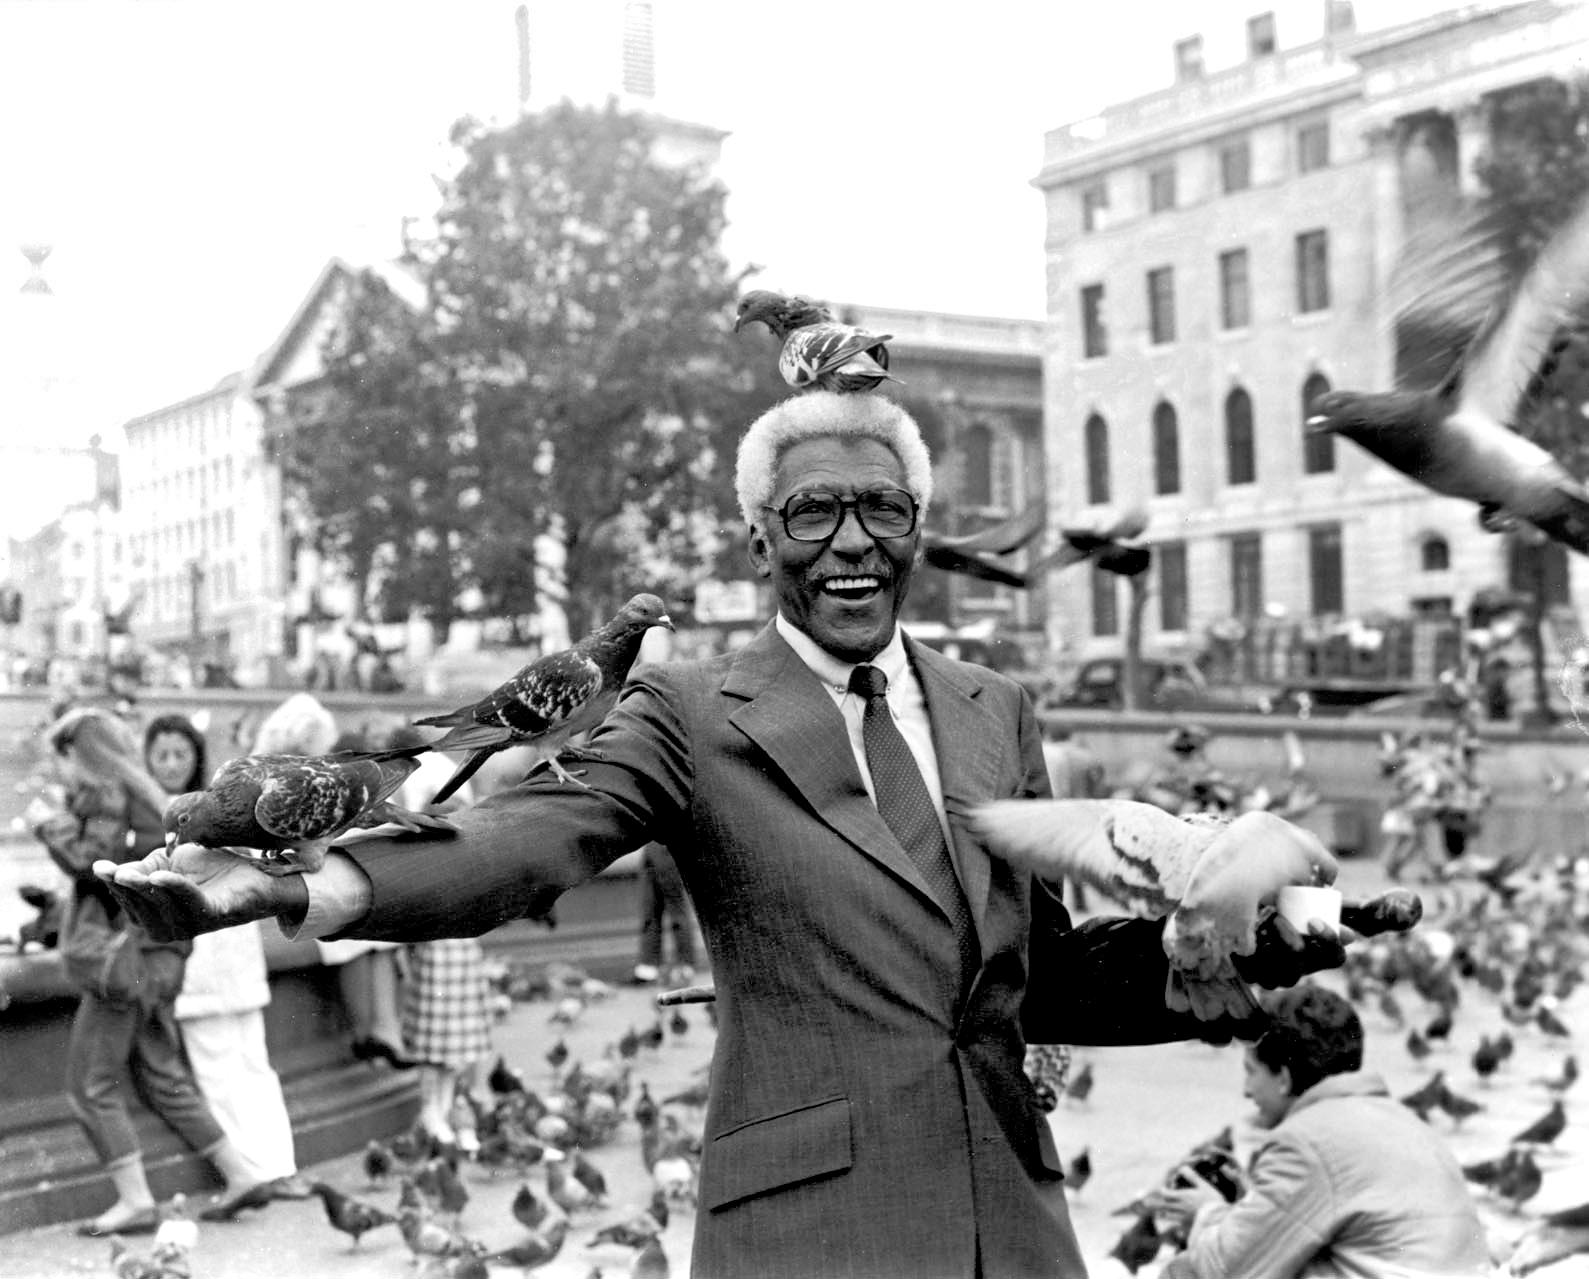 rustin at Trafalgar's Square, 1983.